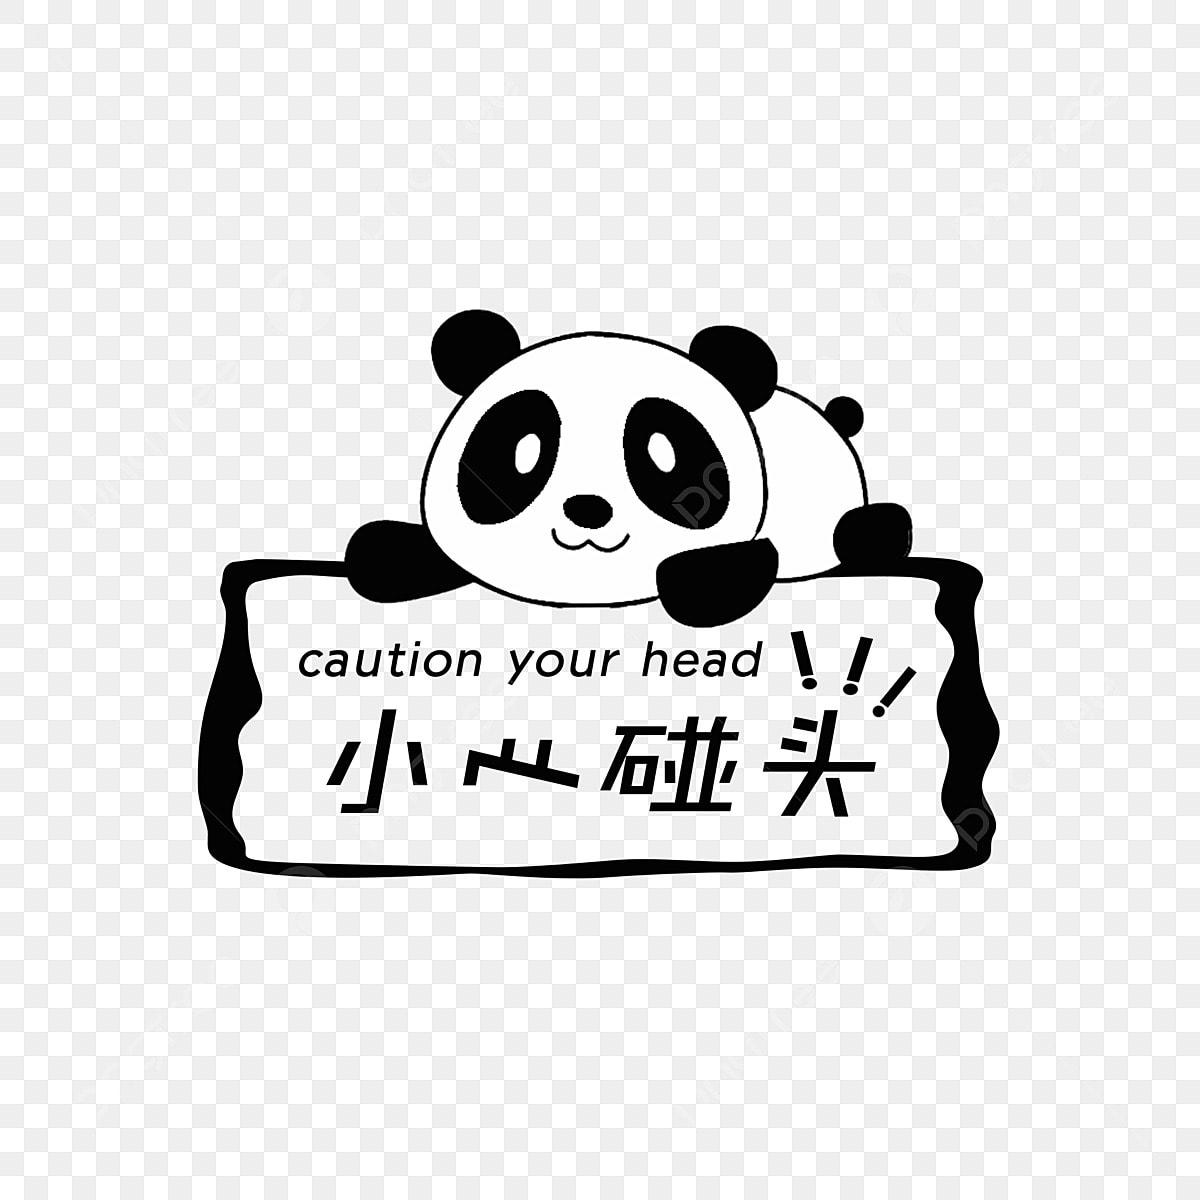 Conseils Prudent Conception De Signe Panda Dessin Animé